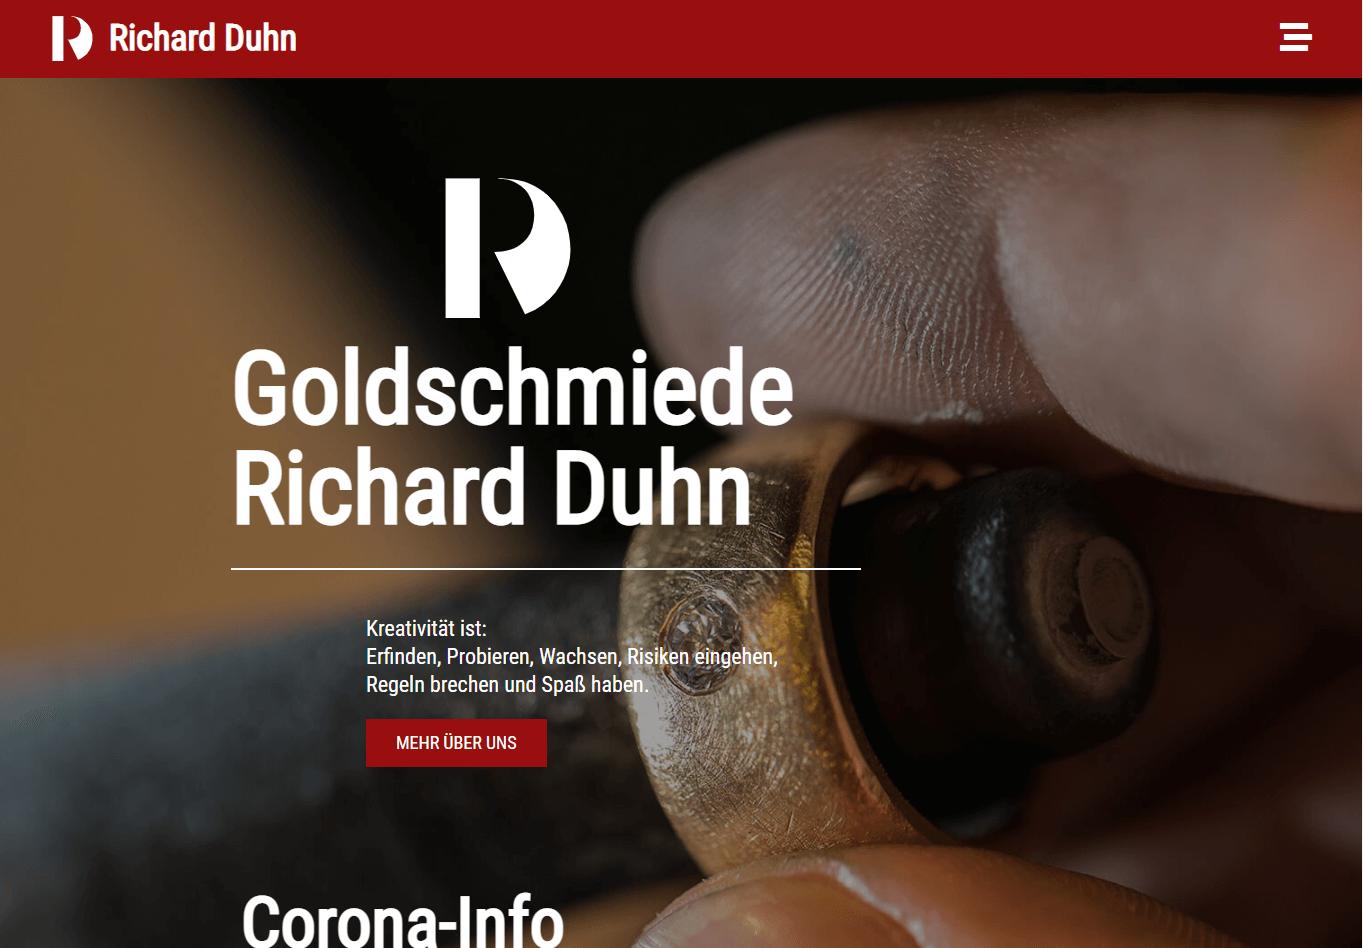 Duhn_Richard